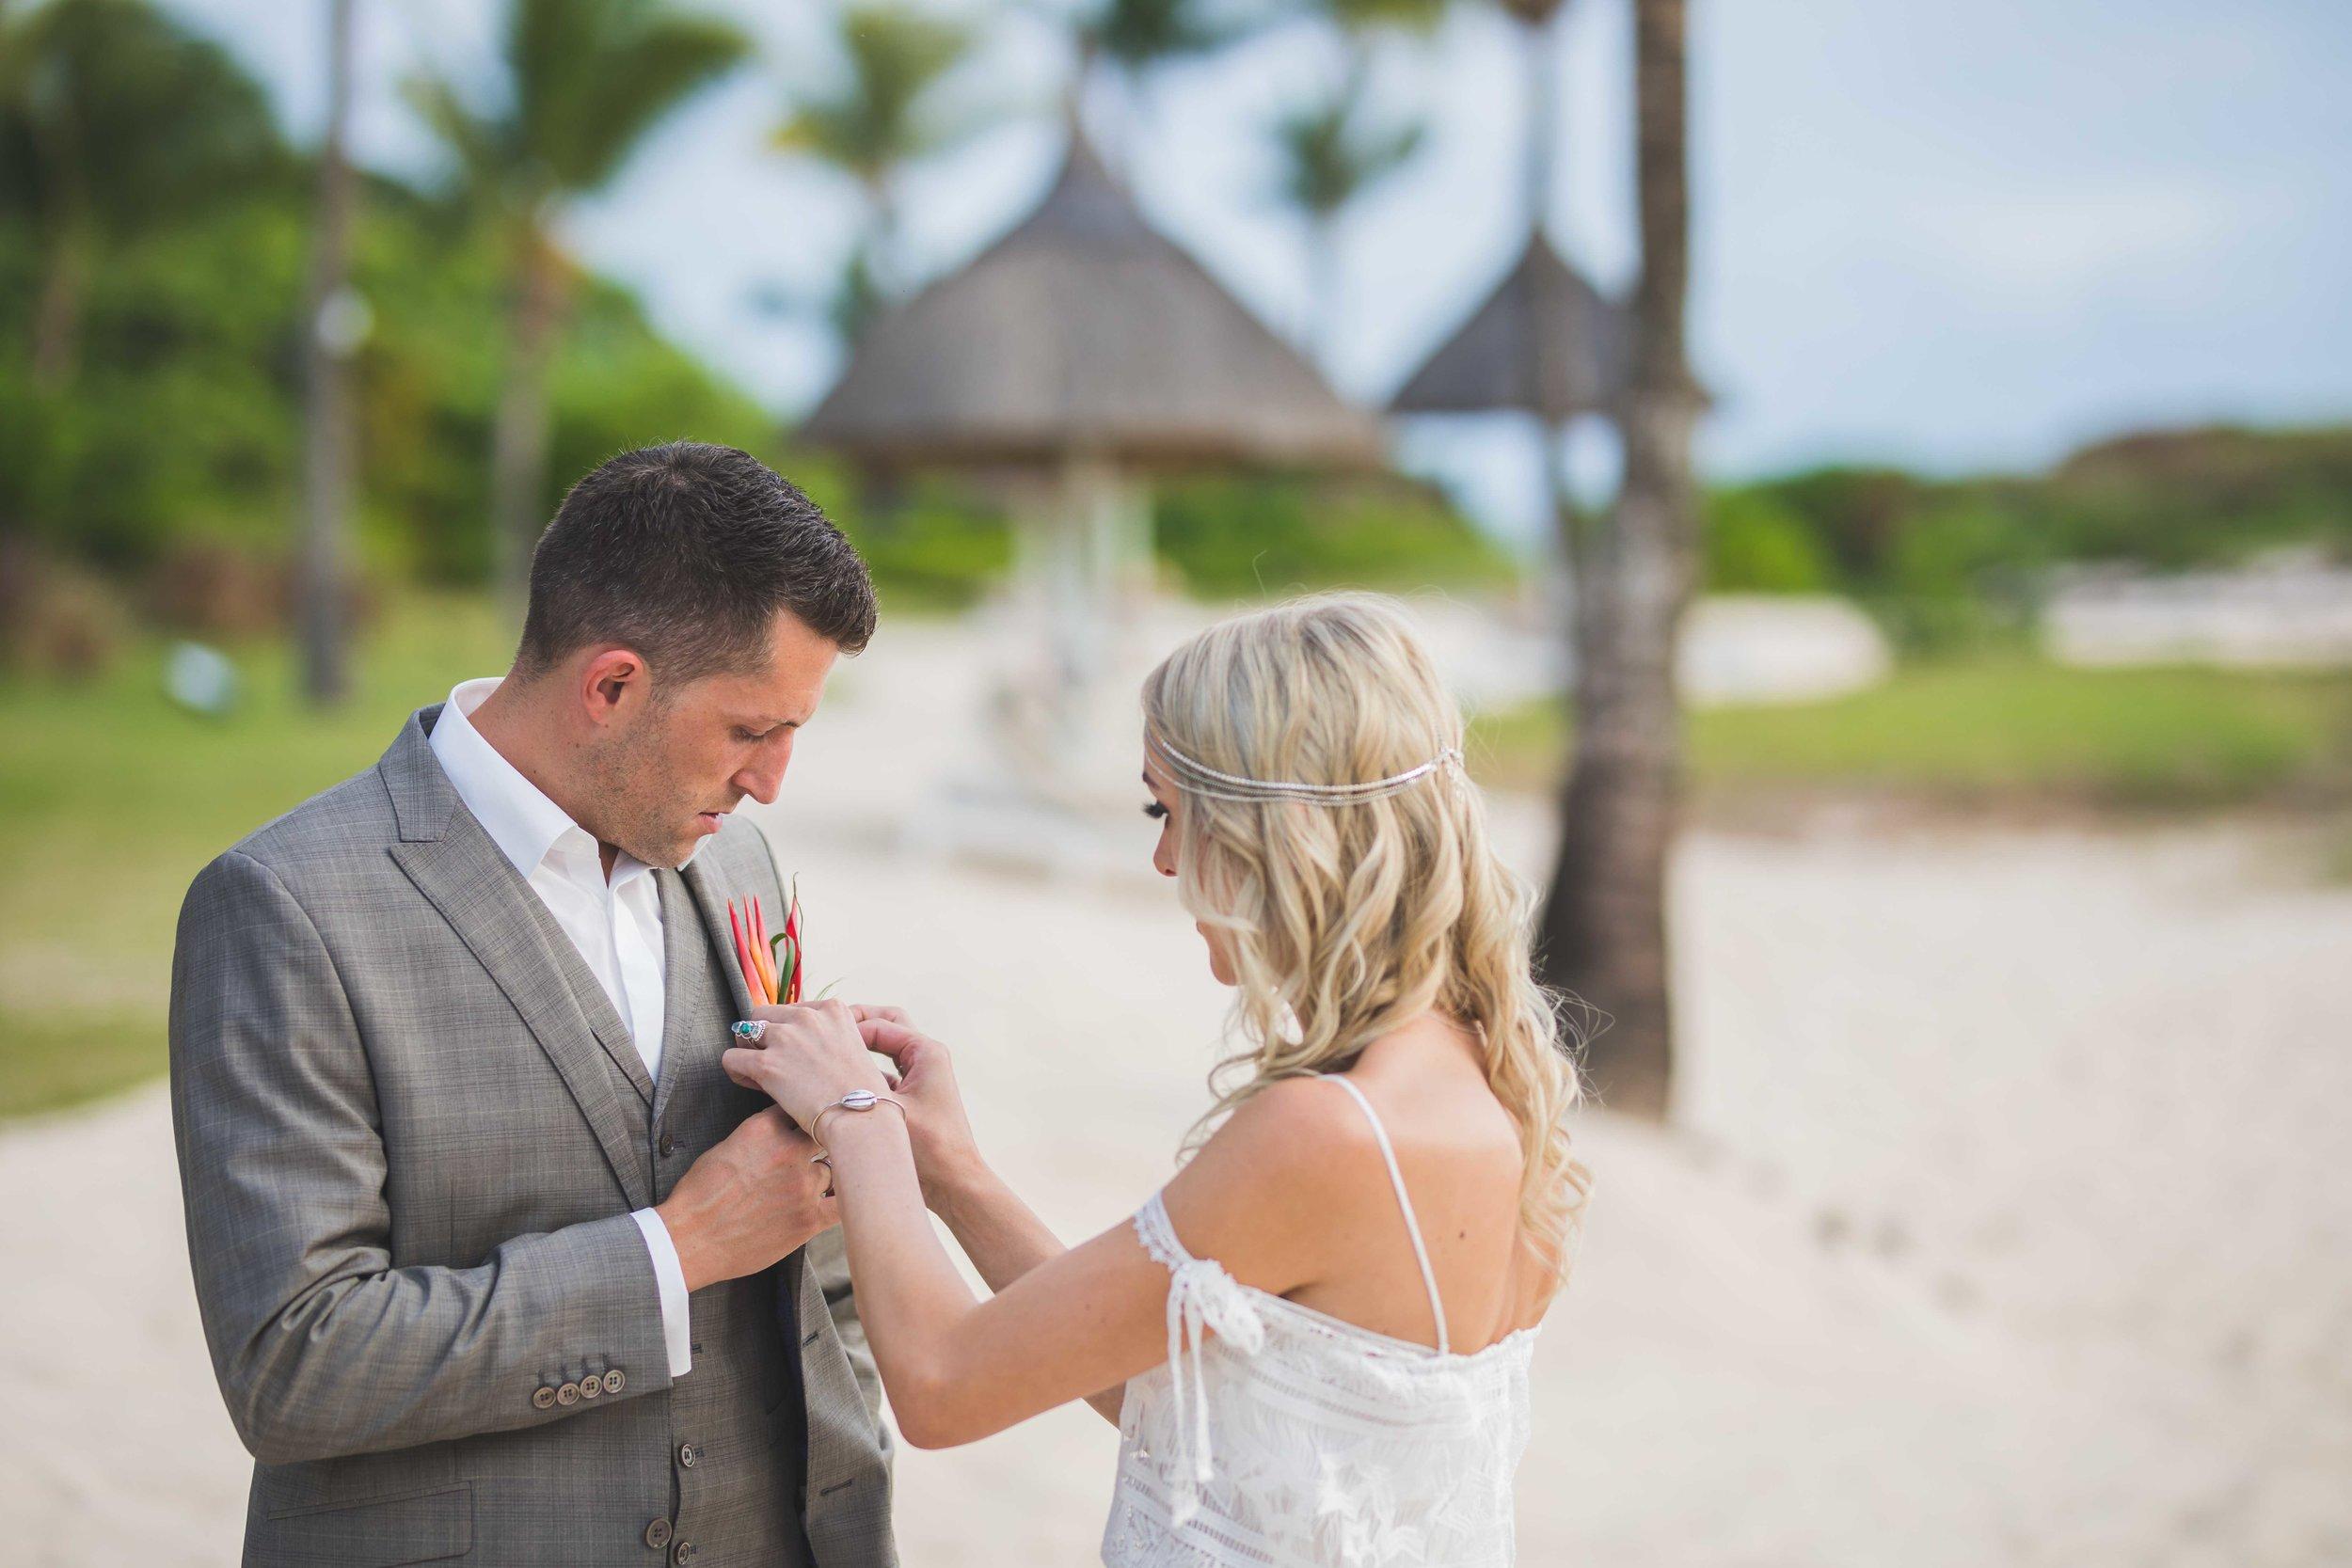 Bride Helping Groom with Flowers